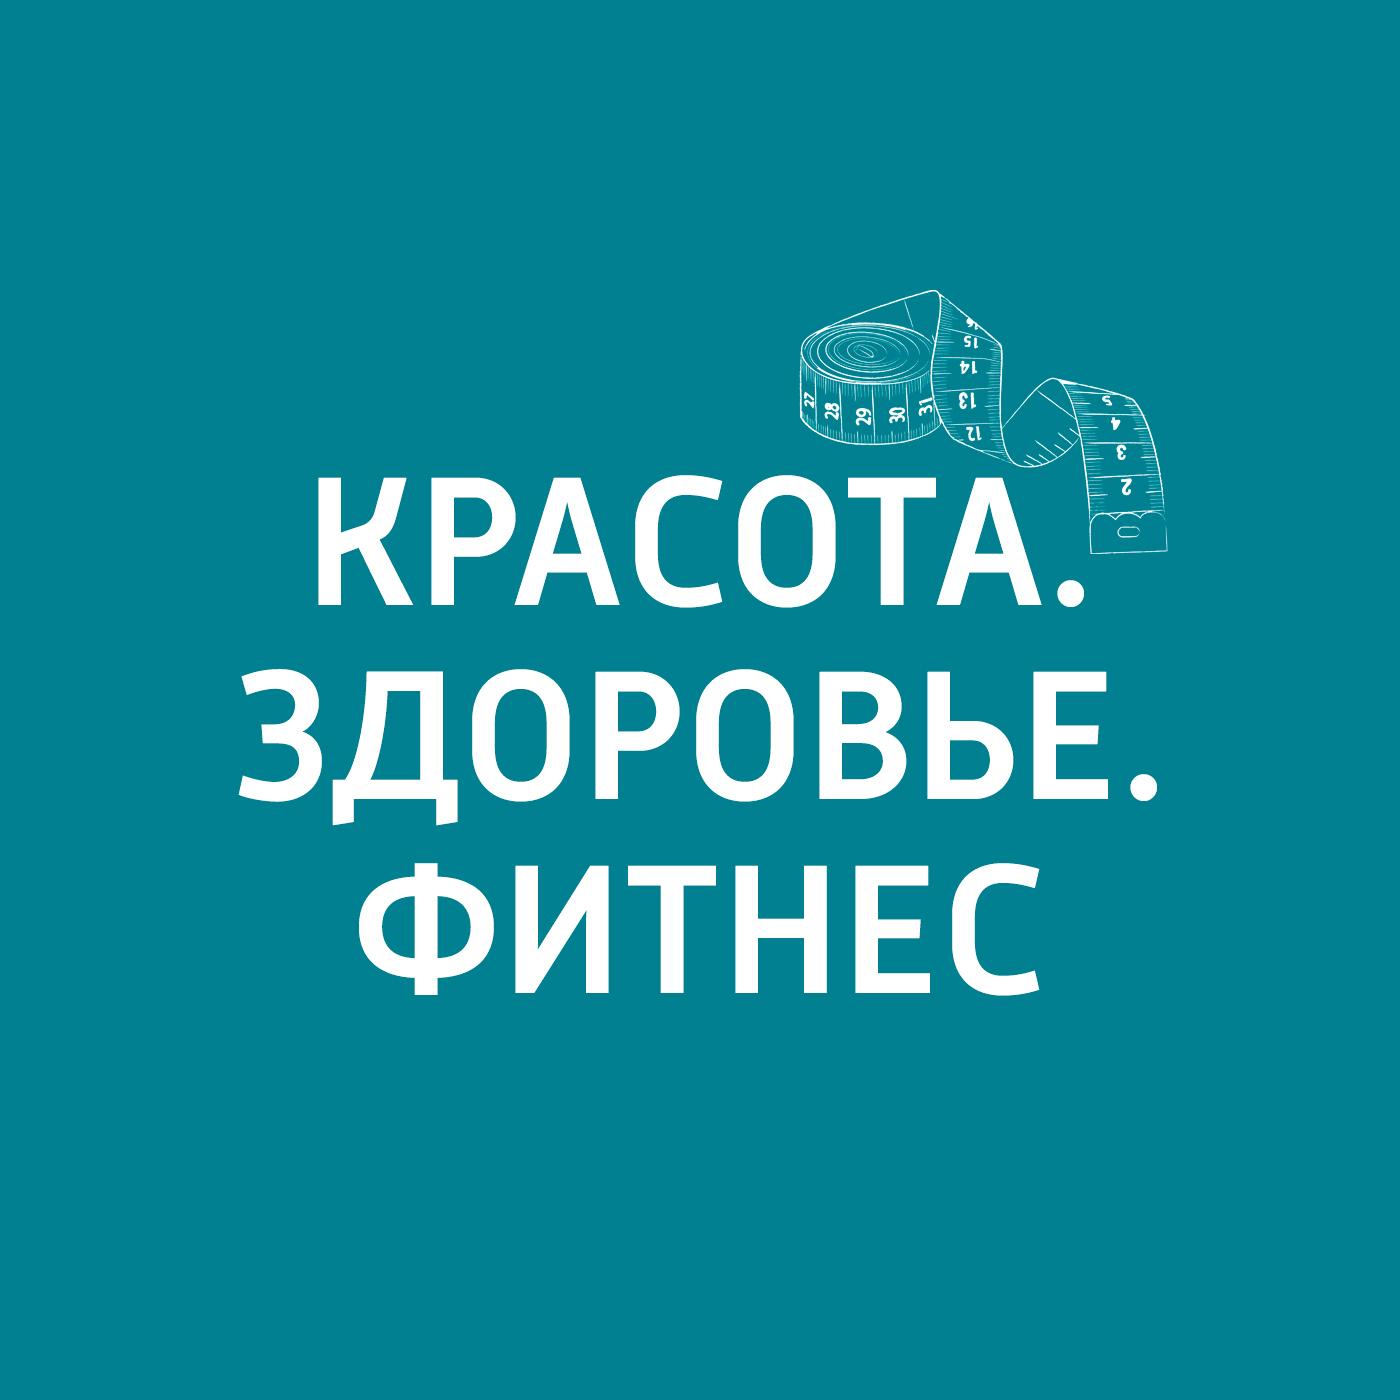 Маргарита Митрофанова Парфюмерия парфюмерия